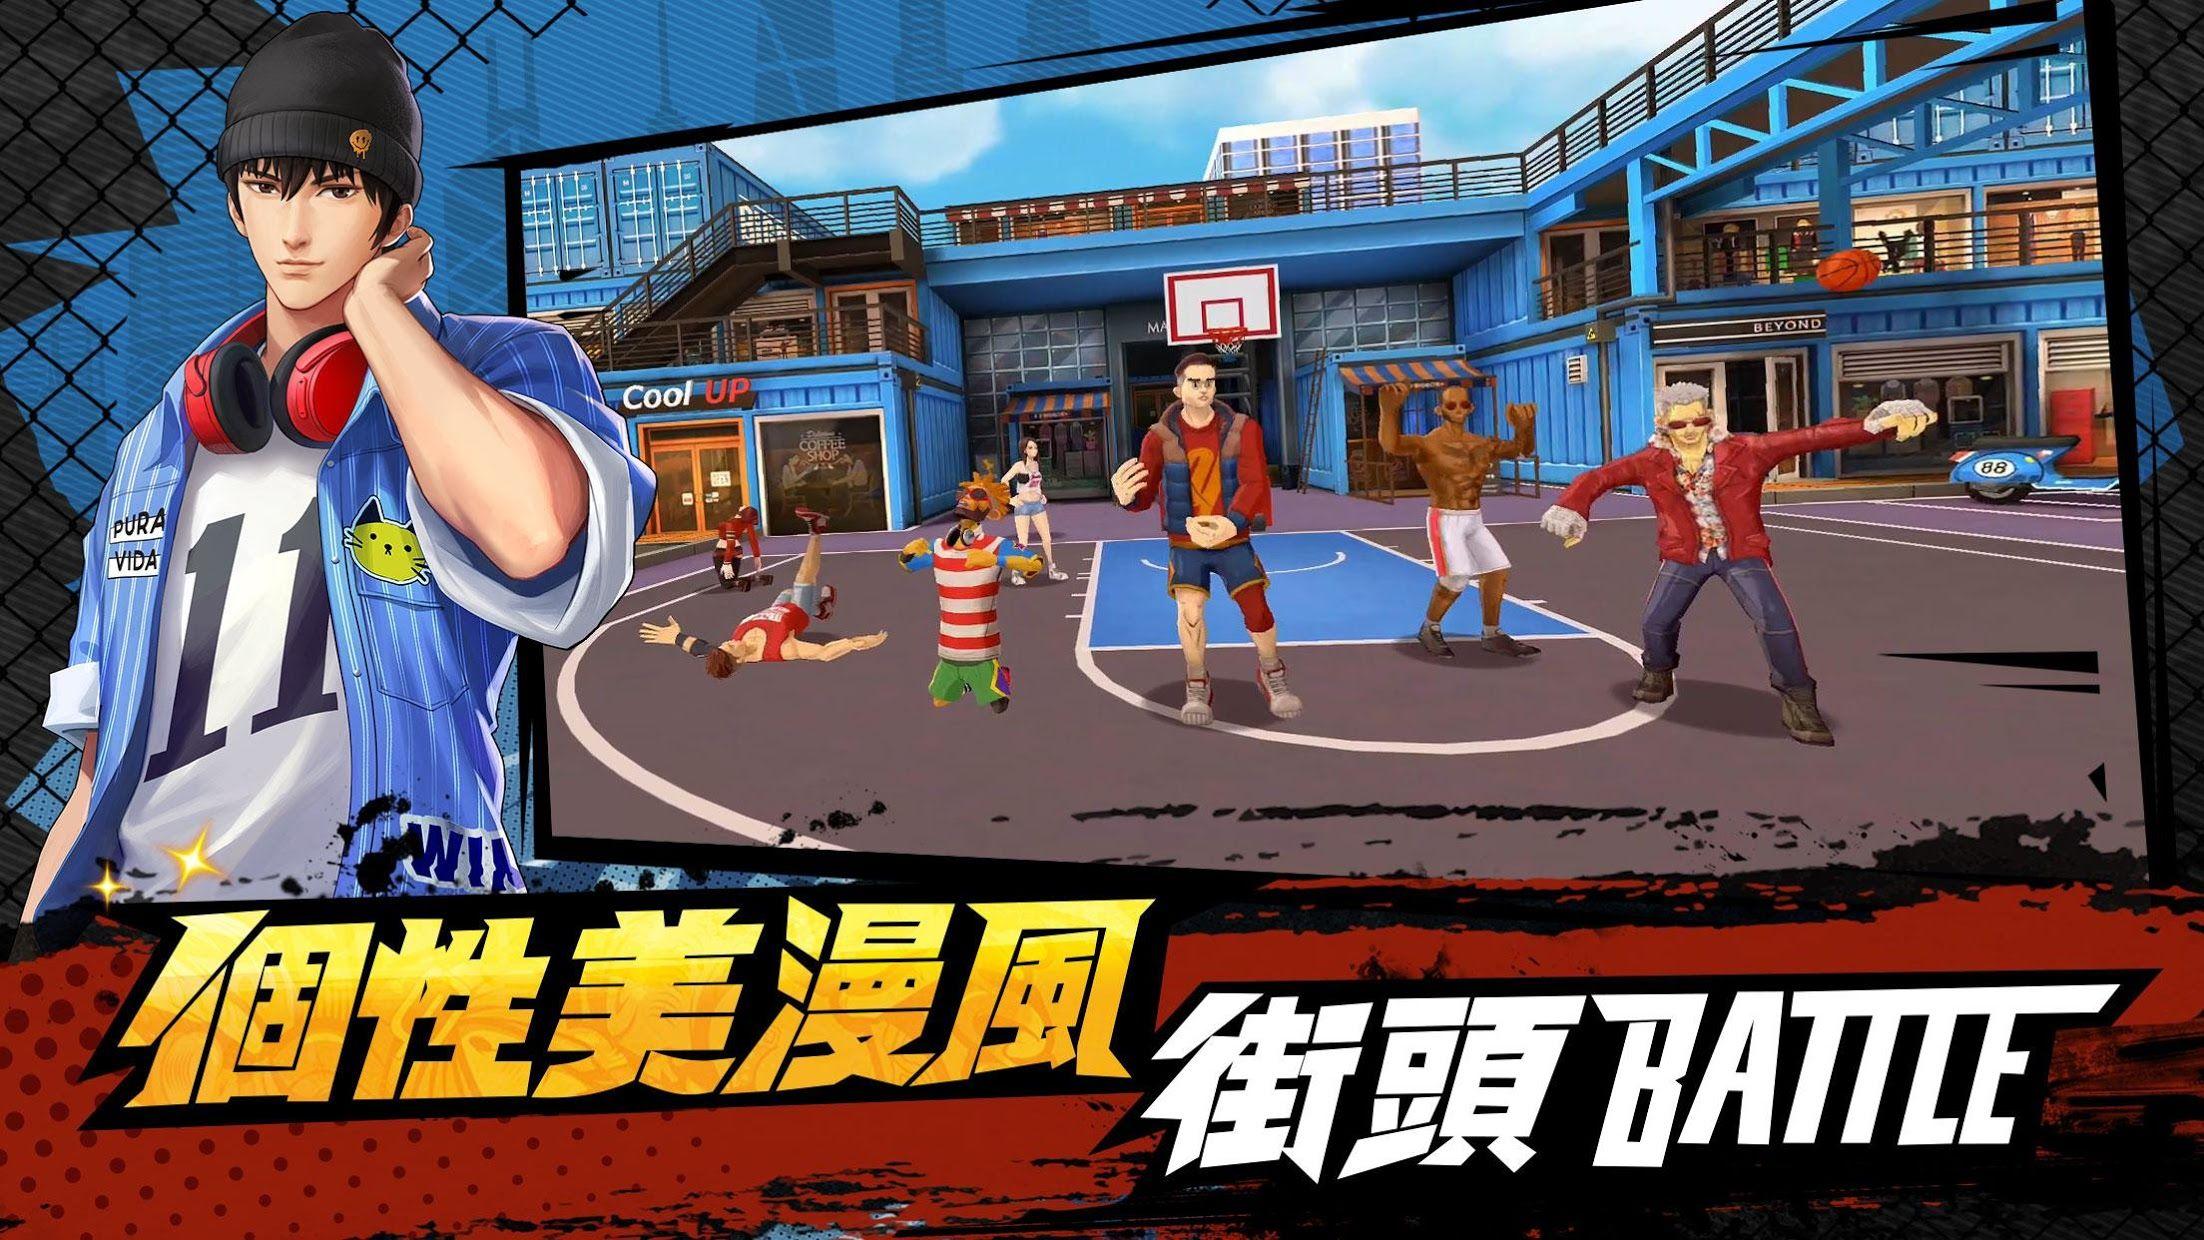 斗牛高手—3V3街篮玩法手游 游戏截图3